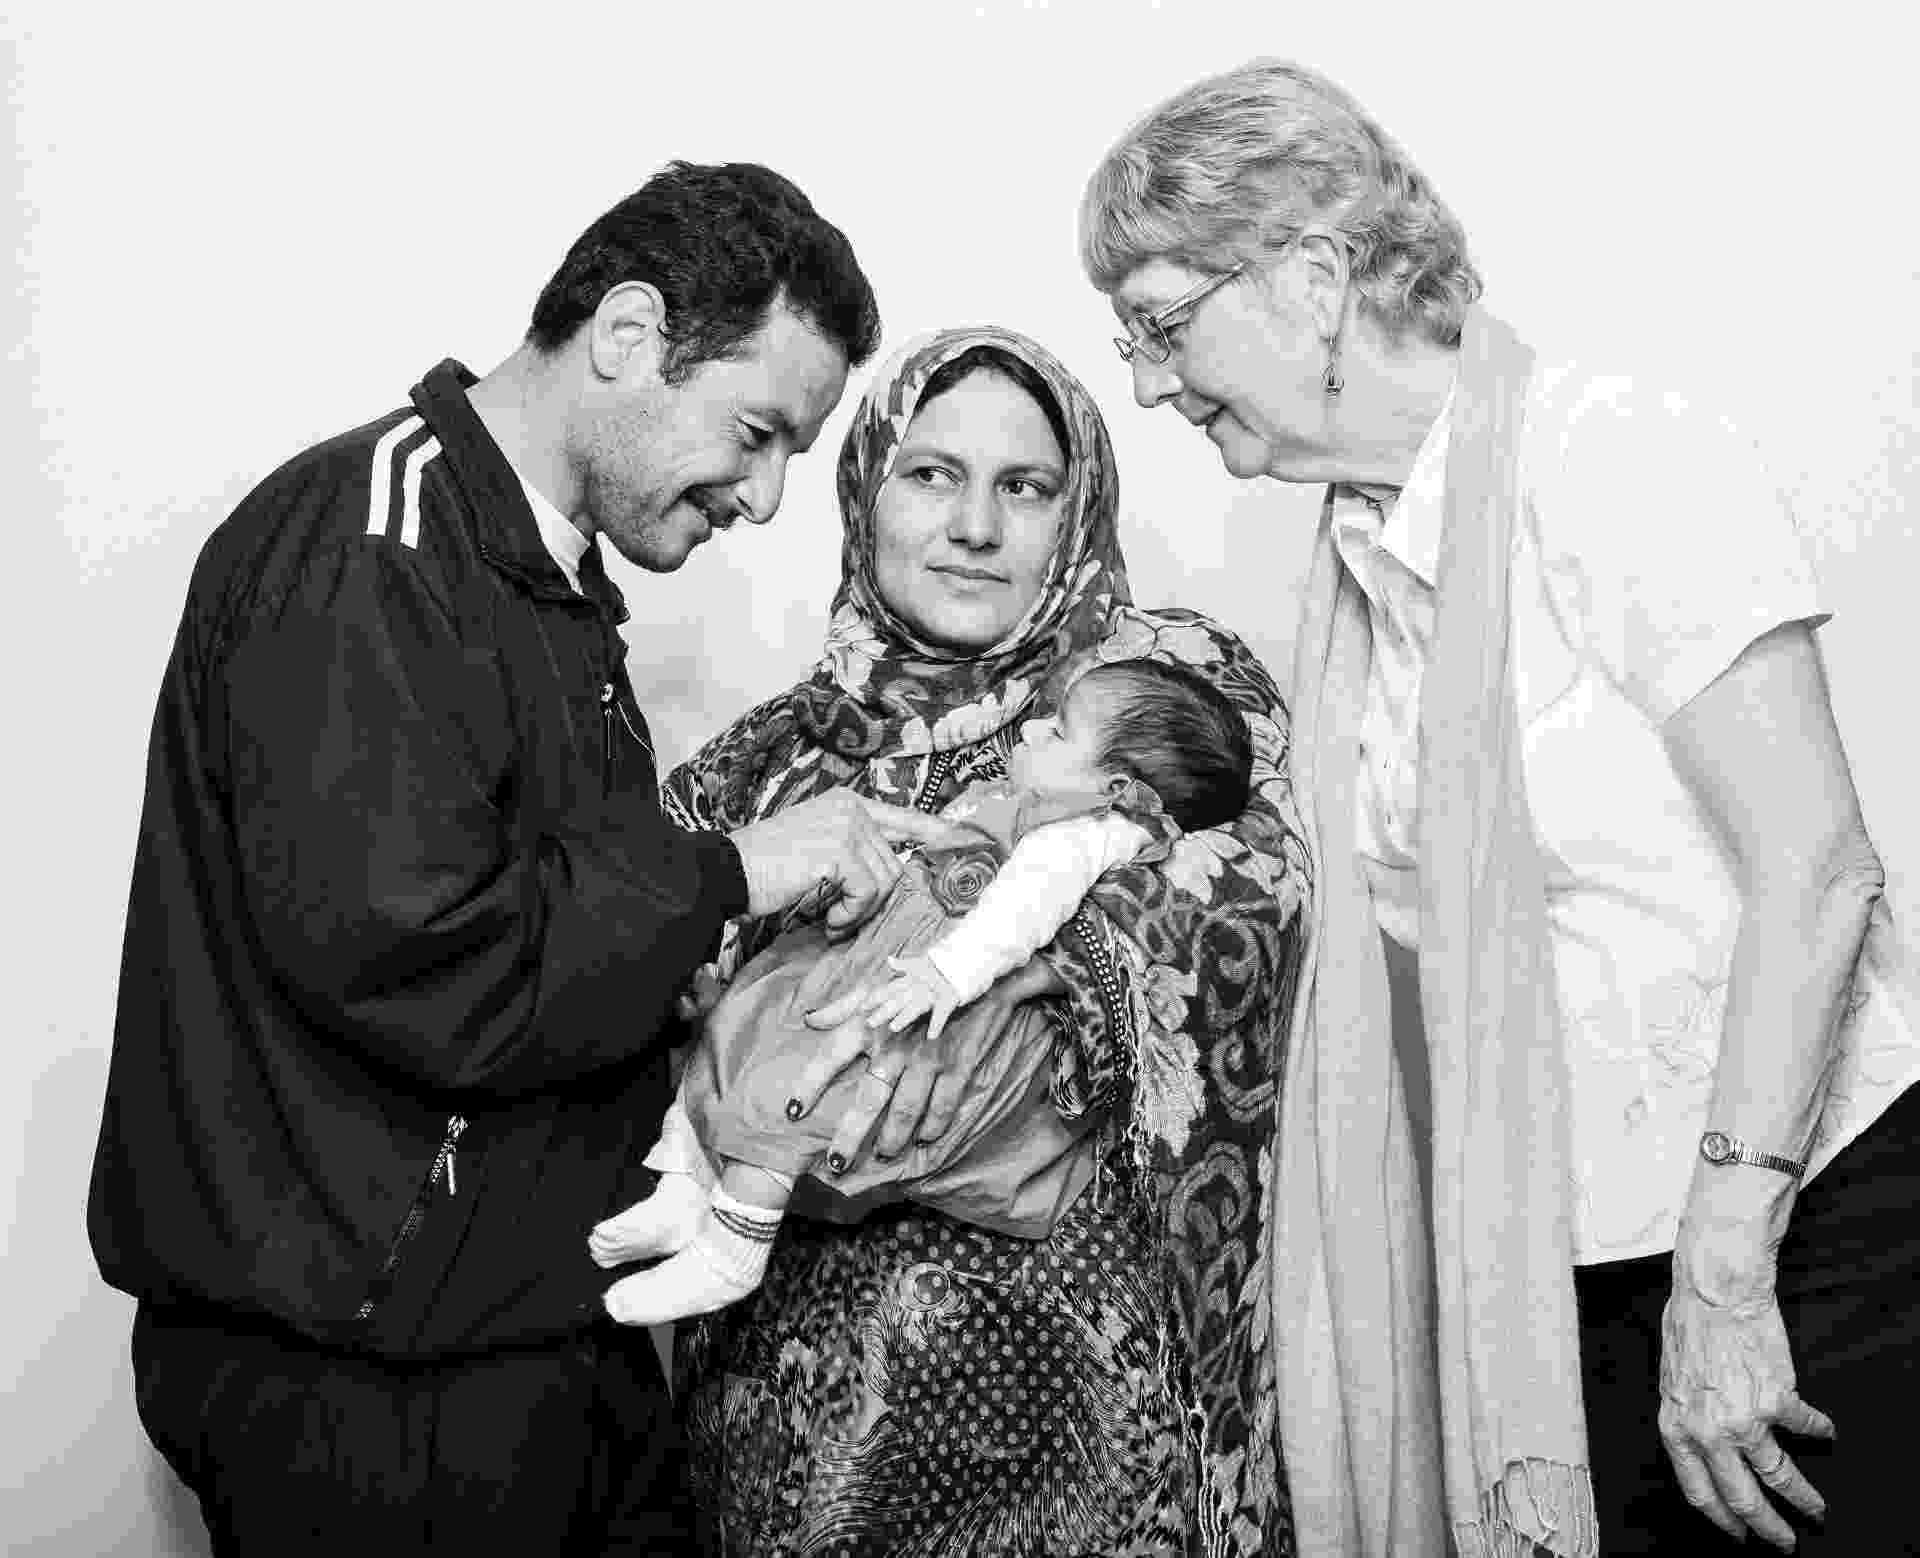 21.mai.2016 - Mouhamad e Wissam Ahmed com sua filha recém-nascida, Julia, e Liz Stark, uma patrocinadora canadense que ajudou Ahmed durante sua gravidez - Damon Winter/The New York Times